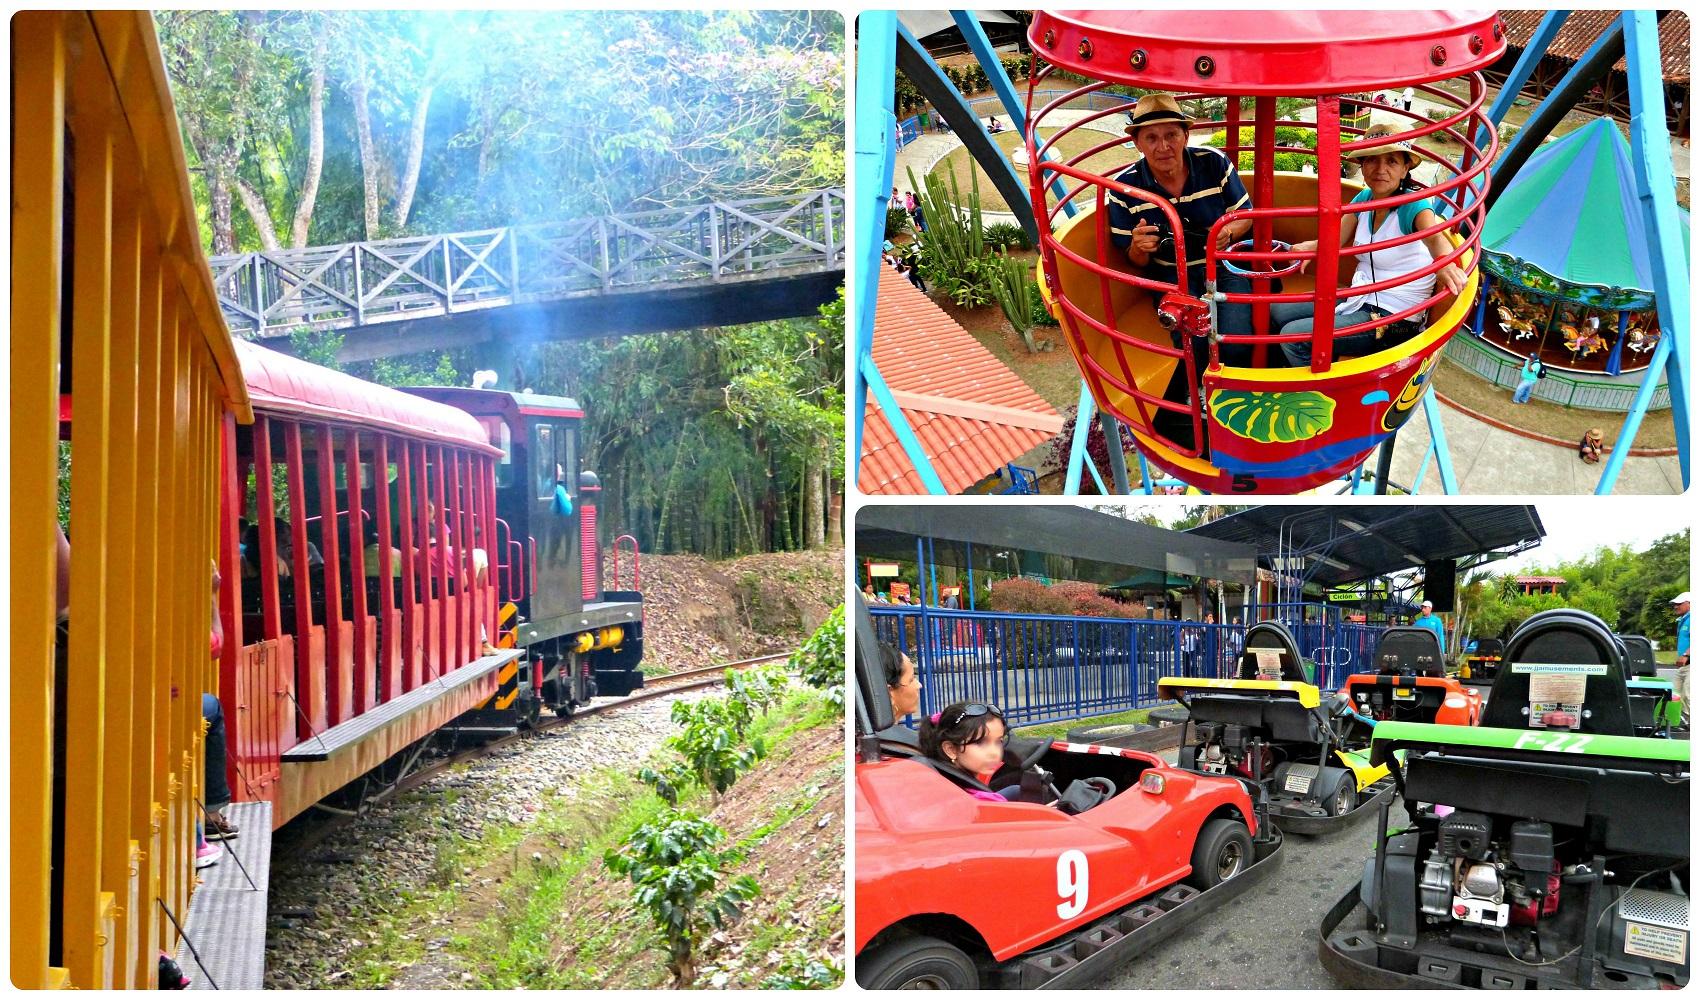 3 atracciones familiares del Parque del Café: tren, rueda panorámica, kart